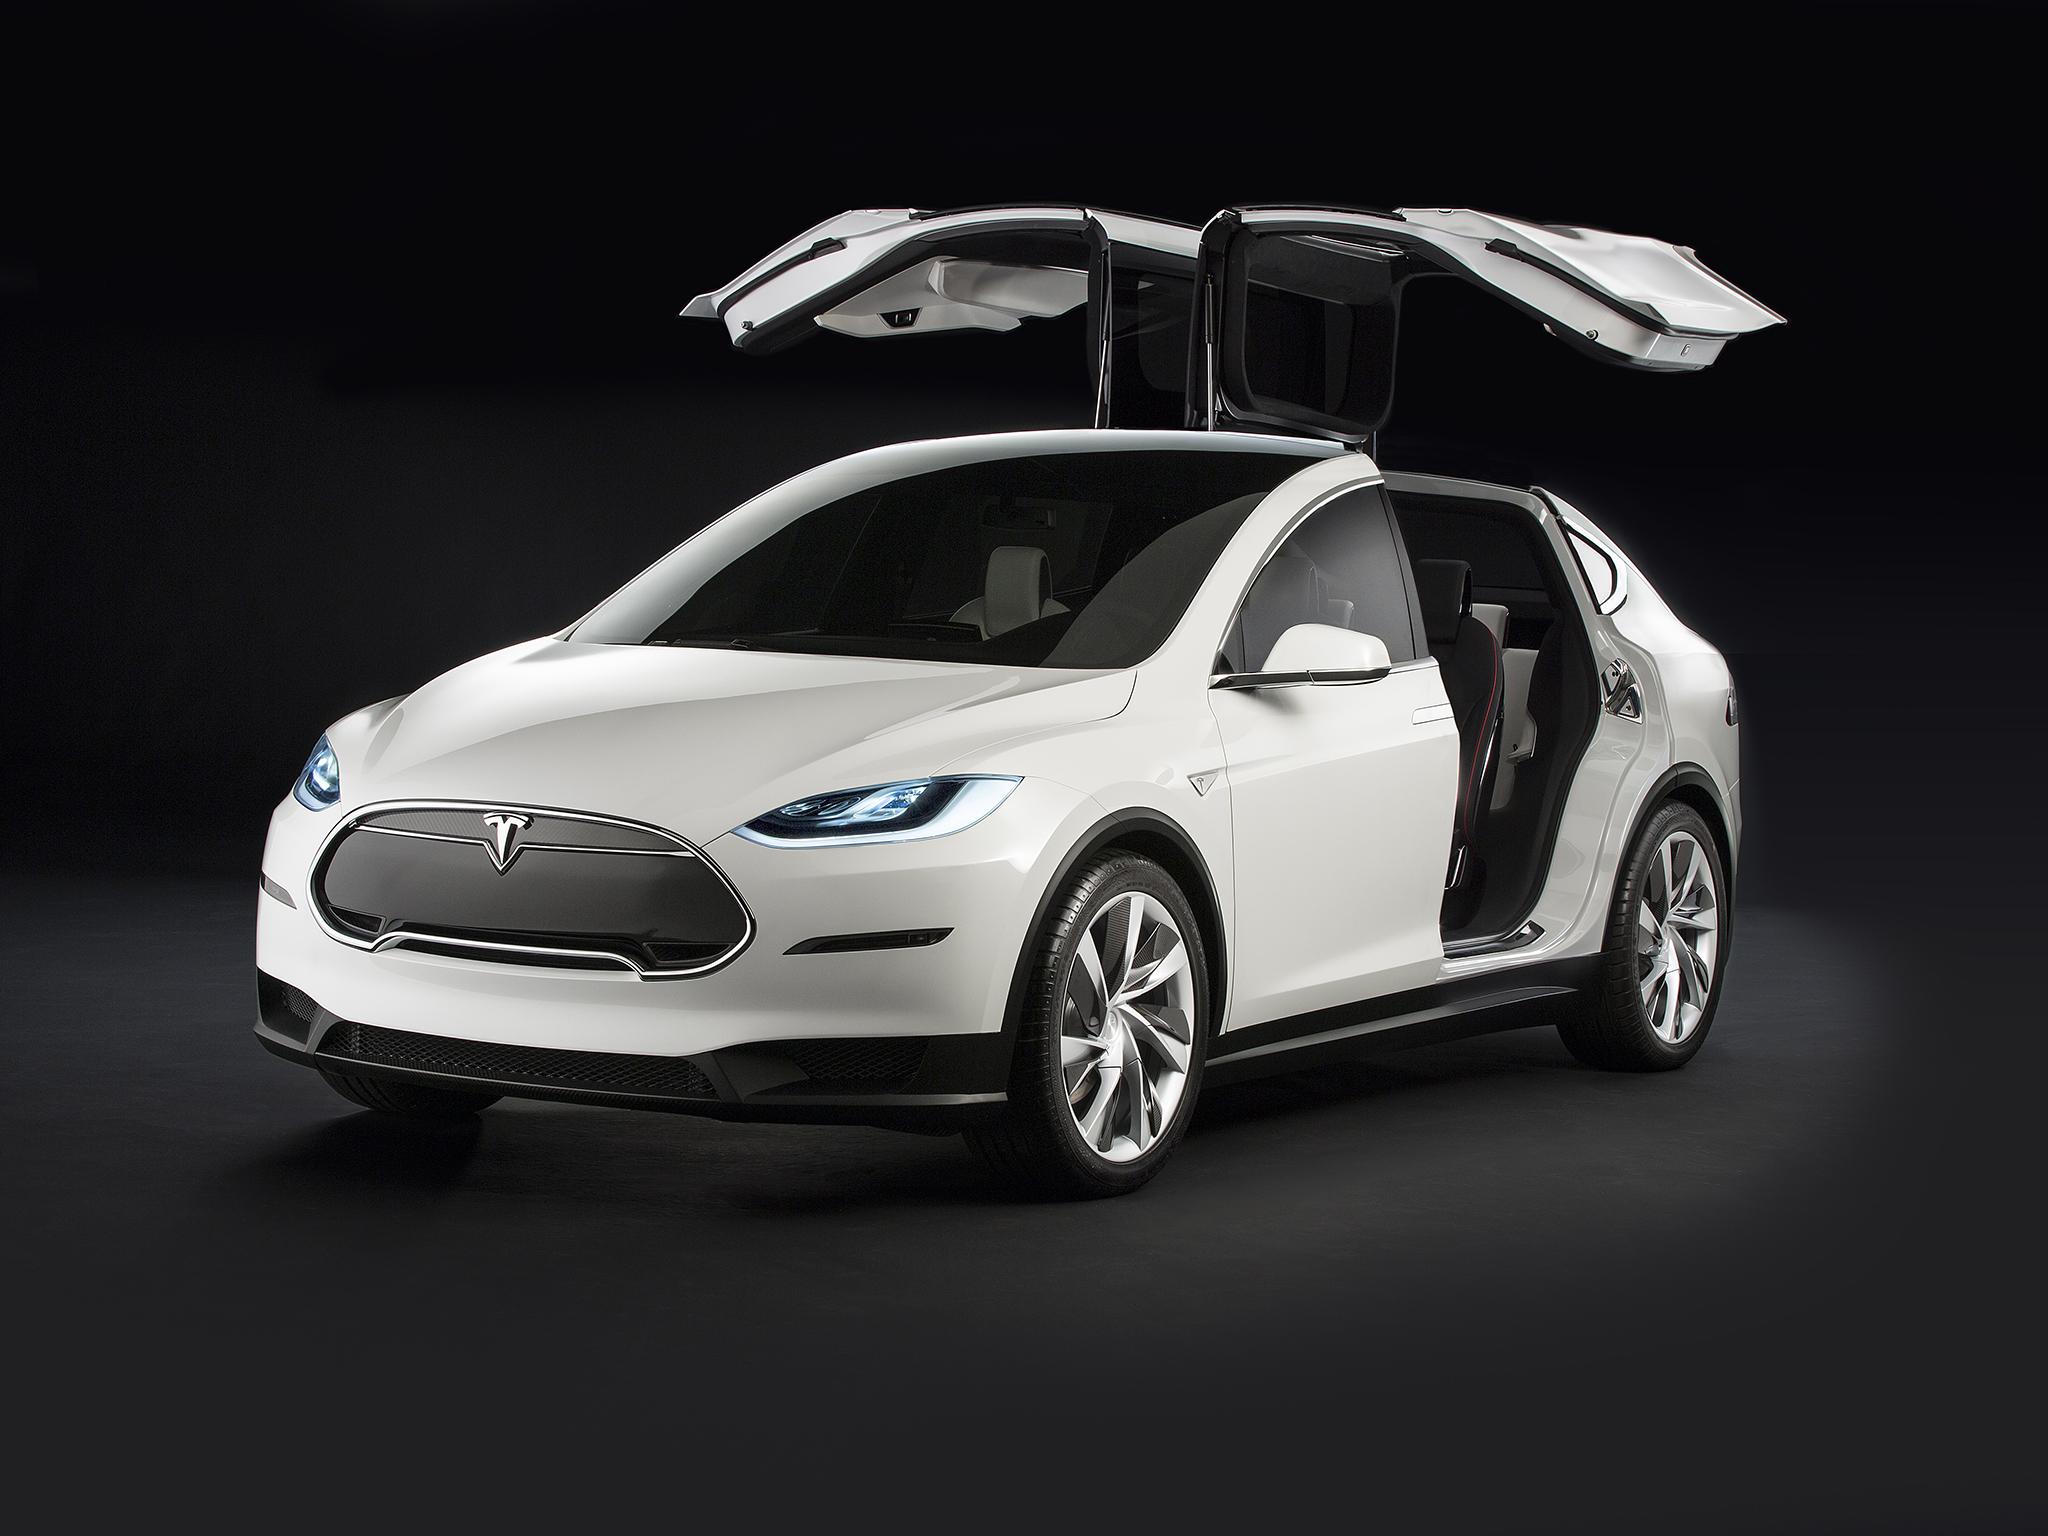 За первую половину 2018 года в России продано 15 электромобилей Tesla Model X